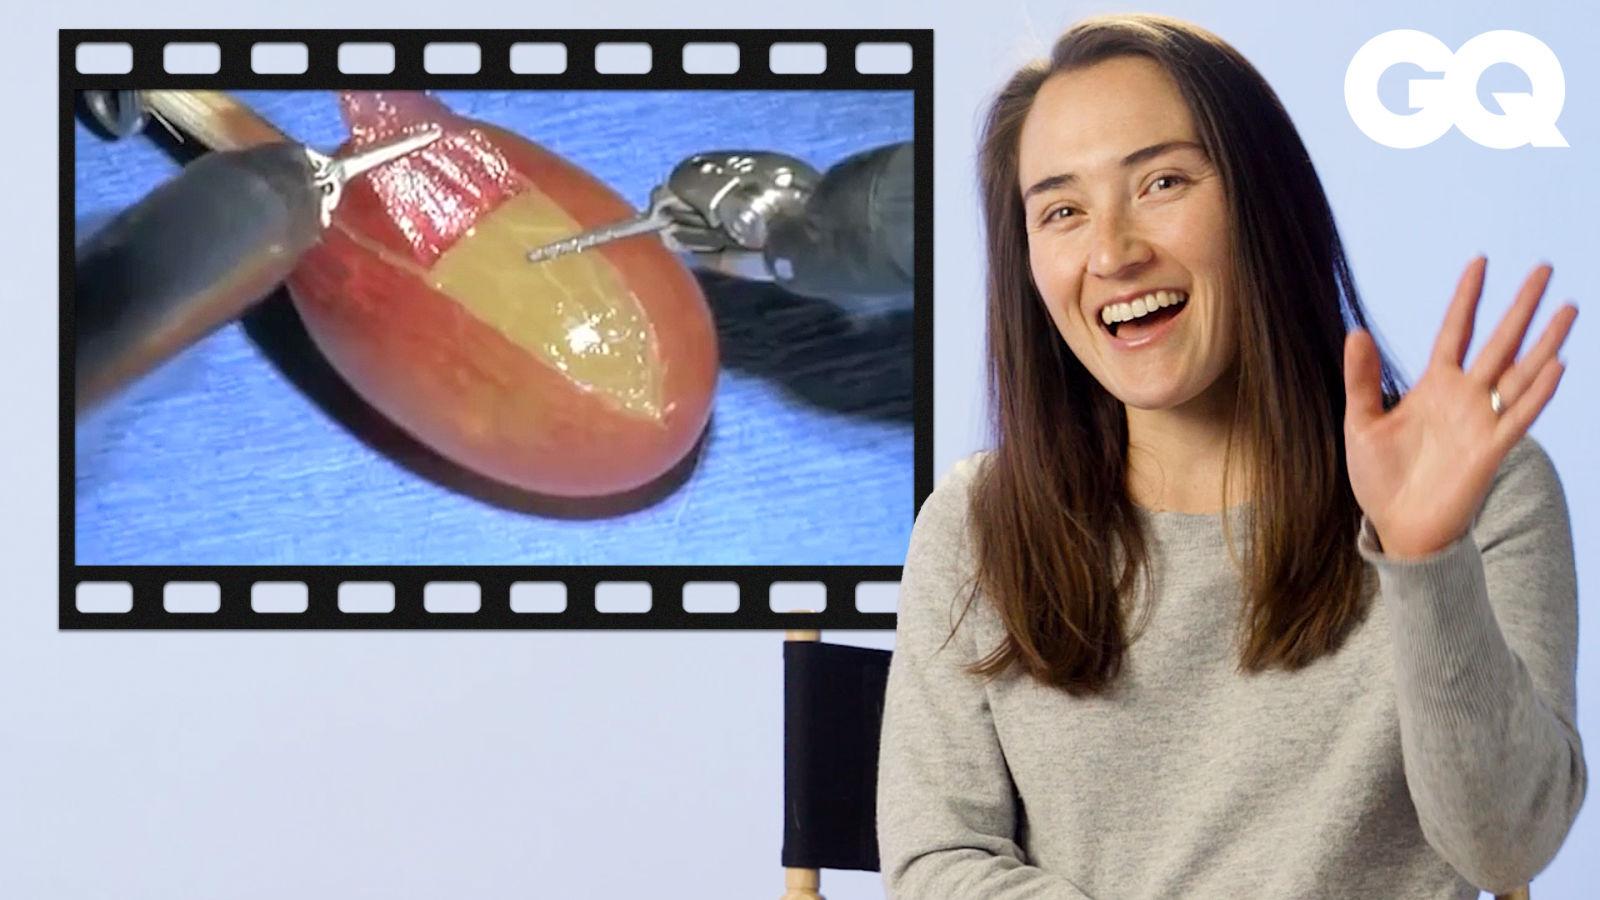 掃射膝蓋以下較不致命!外科醫生打臉好萊塢電影、電視醫療片段 Surgeon Breaks Down Medical Scenes From Film&TV|經典電影大解密|GQ Taiwan